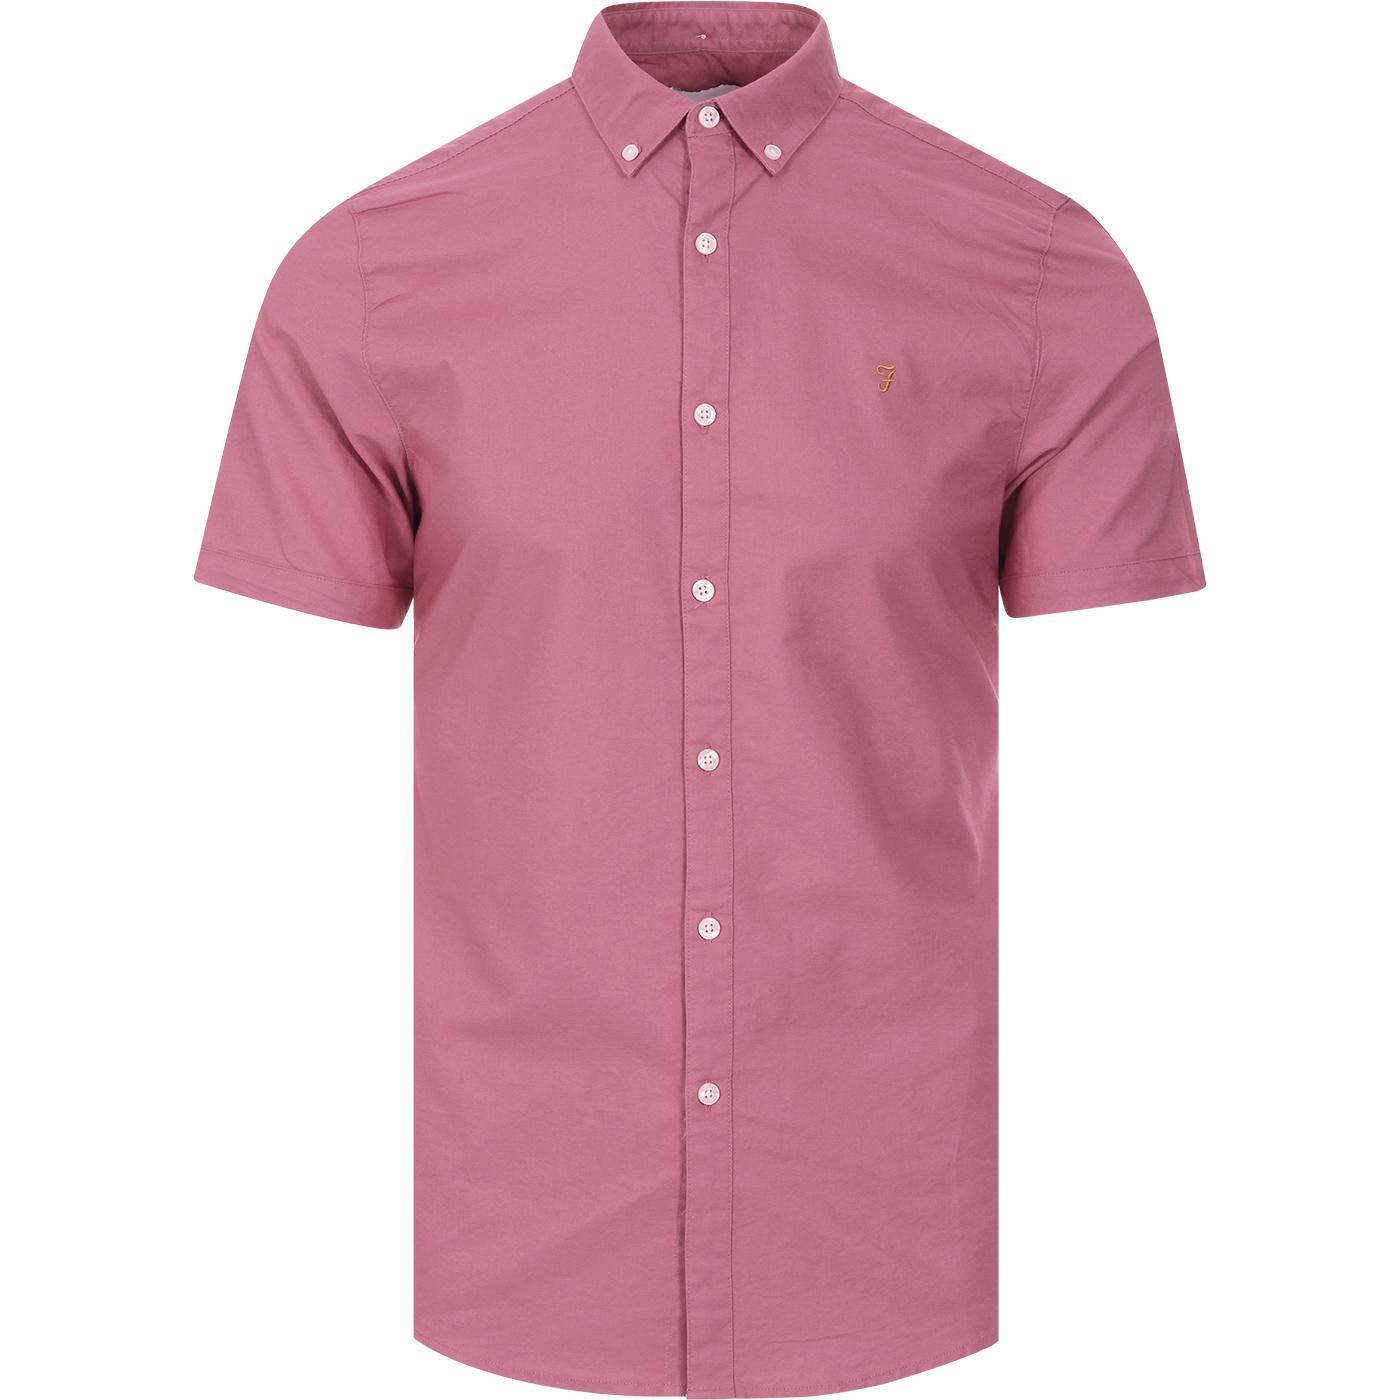 Brewer FARAH S/S Slim Button Down Oxford Shirt (R)